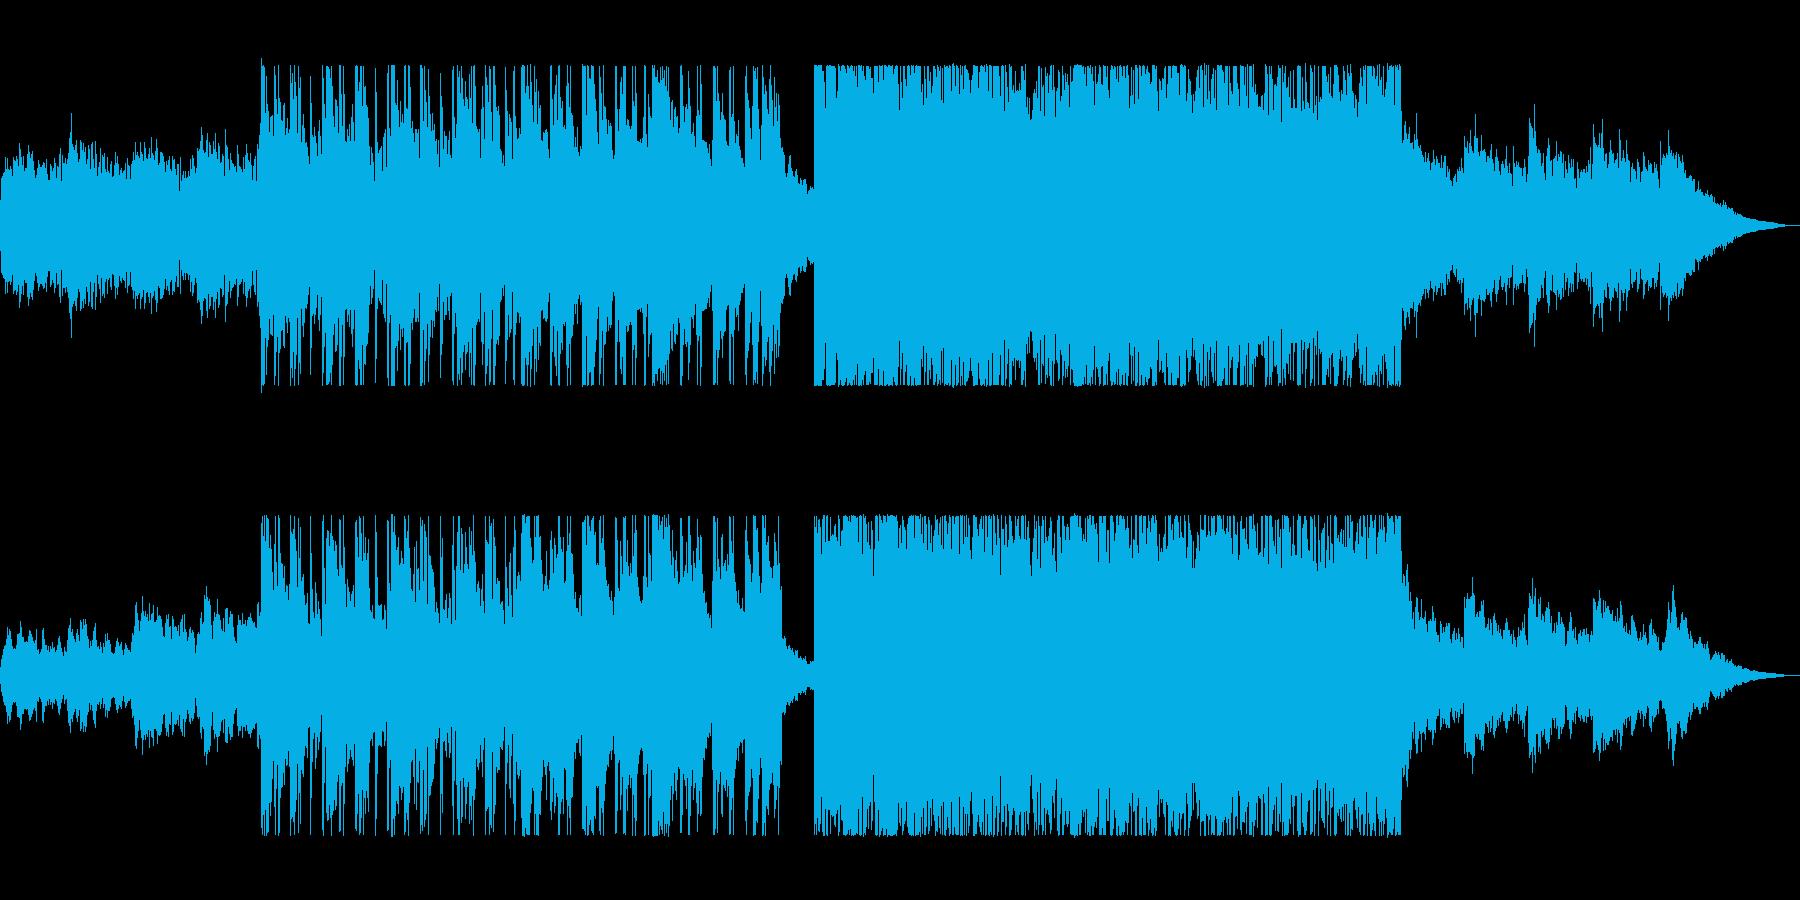 映像に合う優しいギターサウンドの再生済みの波形